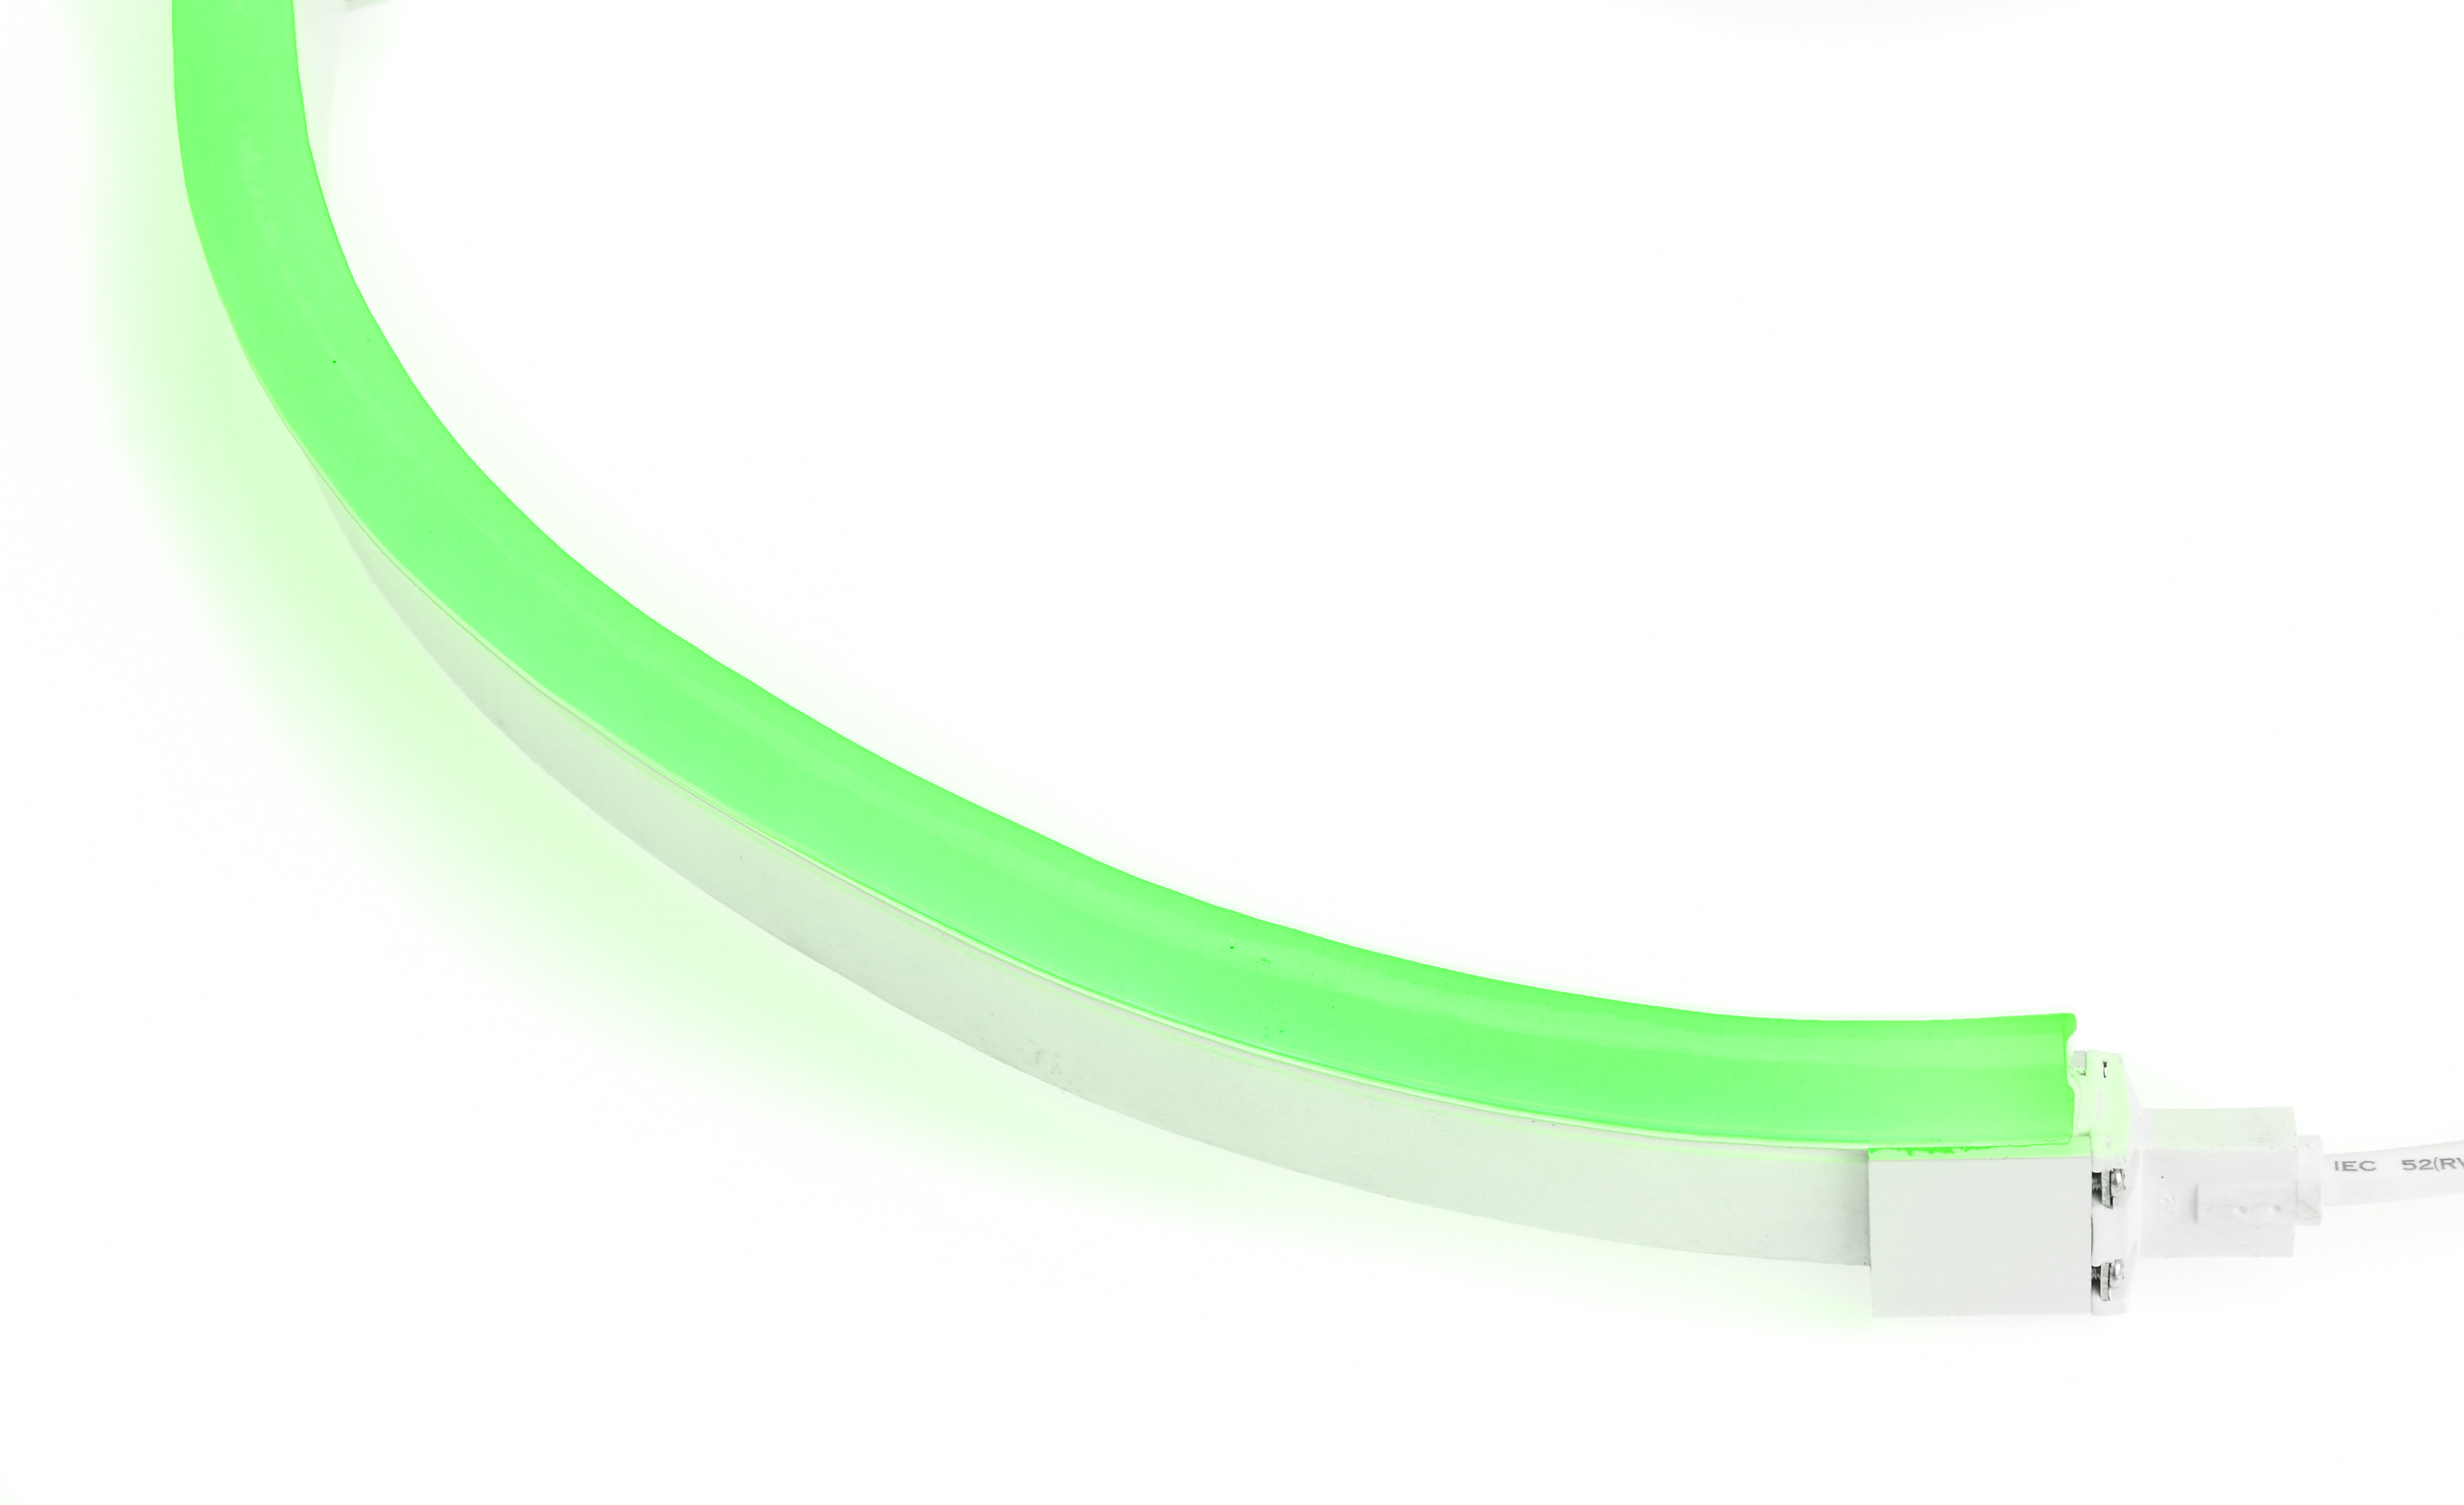 LED Neon Flex Flat Professional groen 24V 10M met aansluitkabel 110 043